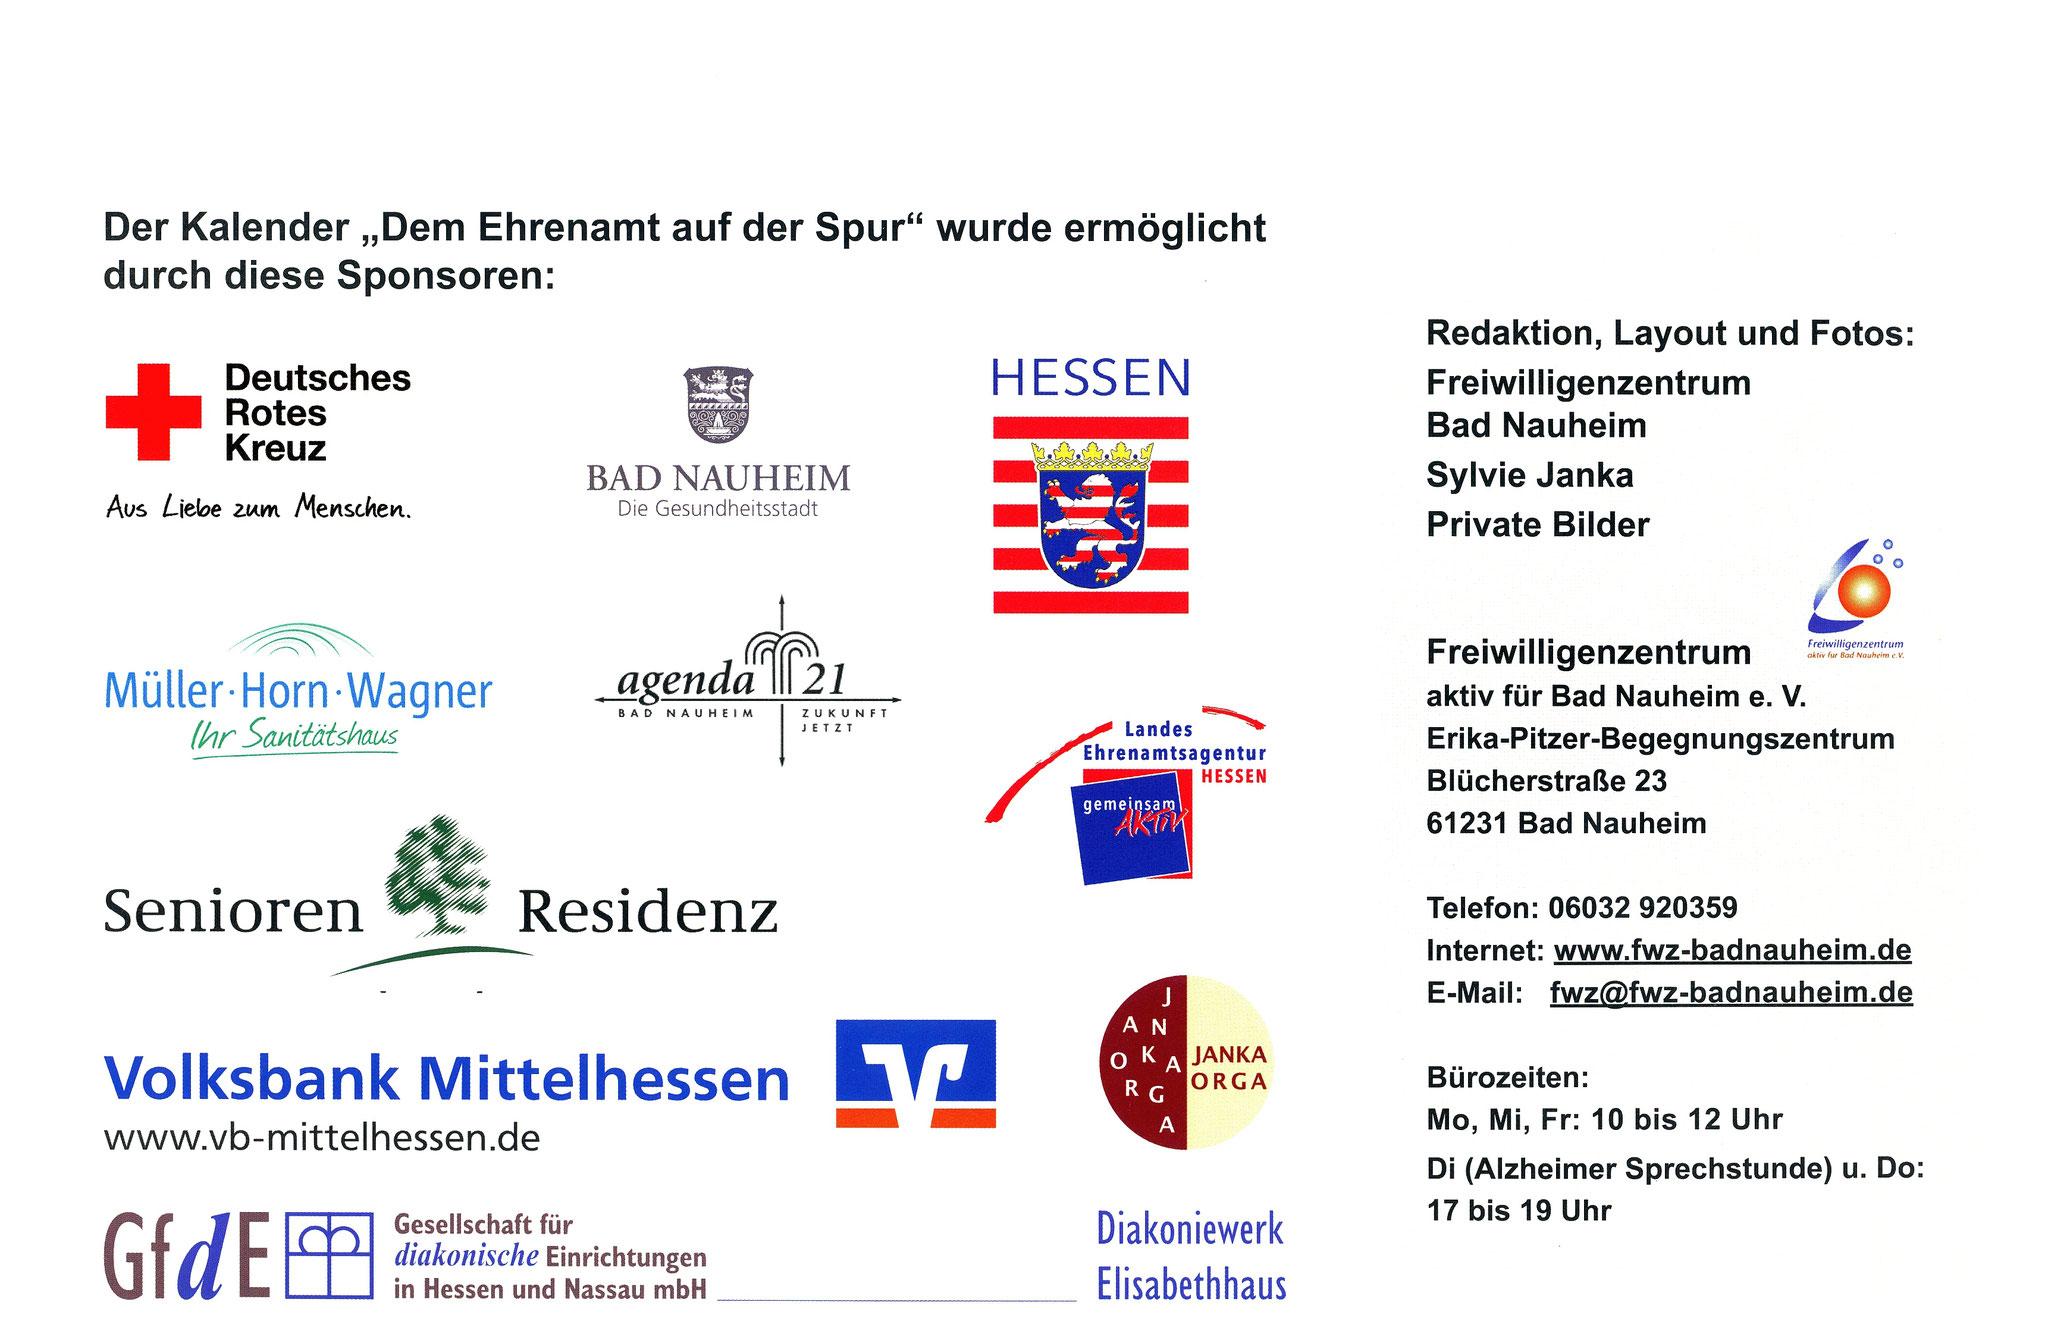 Sponsoren - Ehrenamtskalender 2016 des Freiwilligenzentrums Bad Nauheim